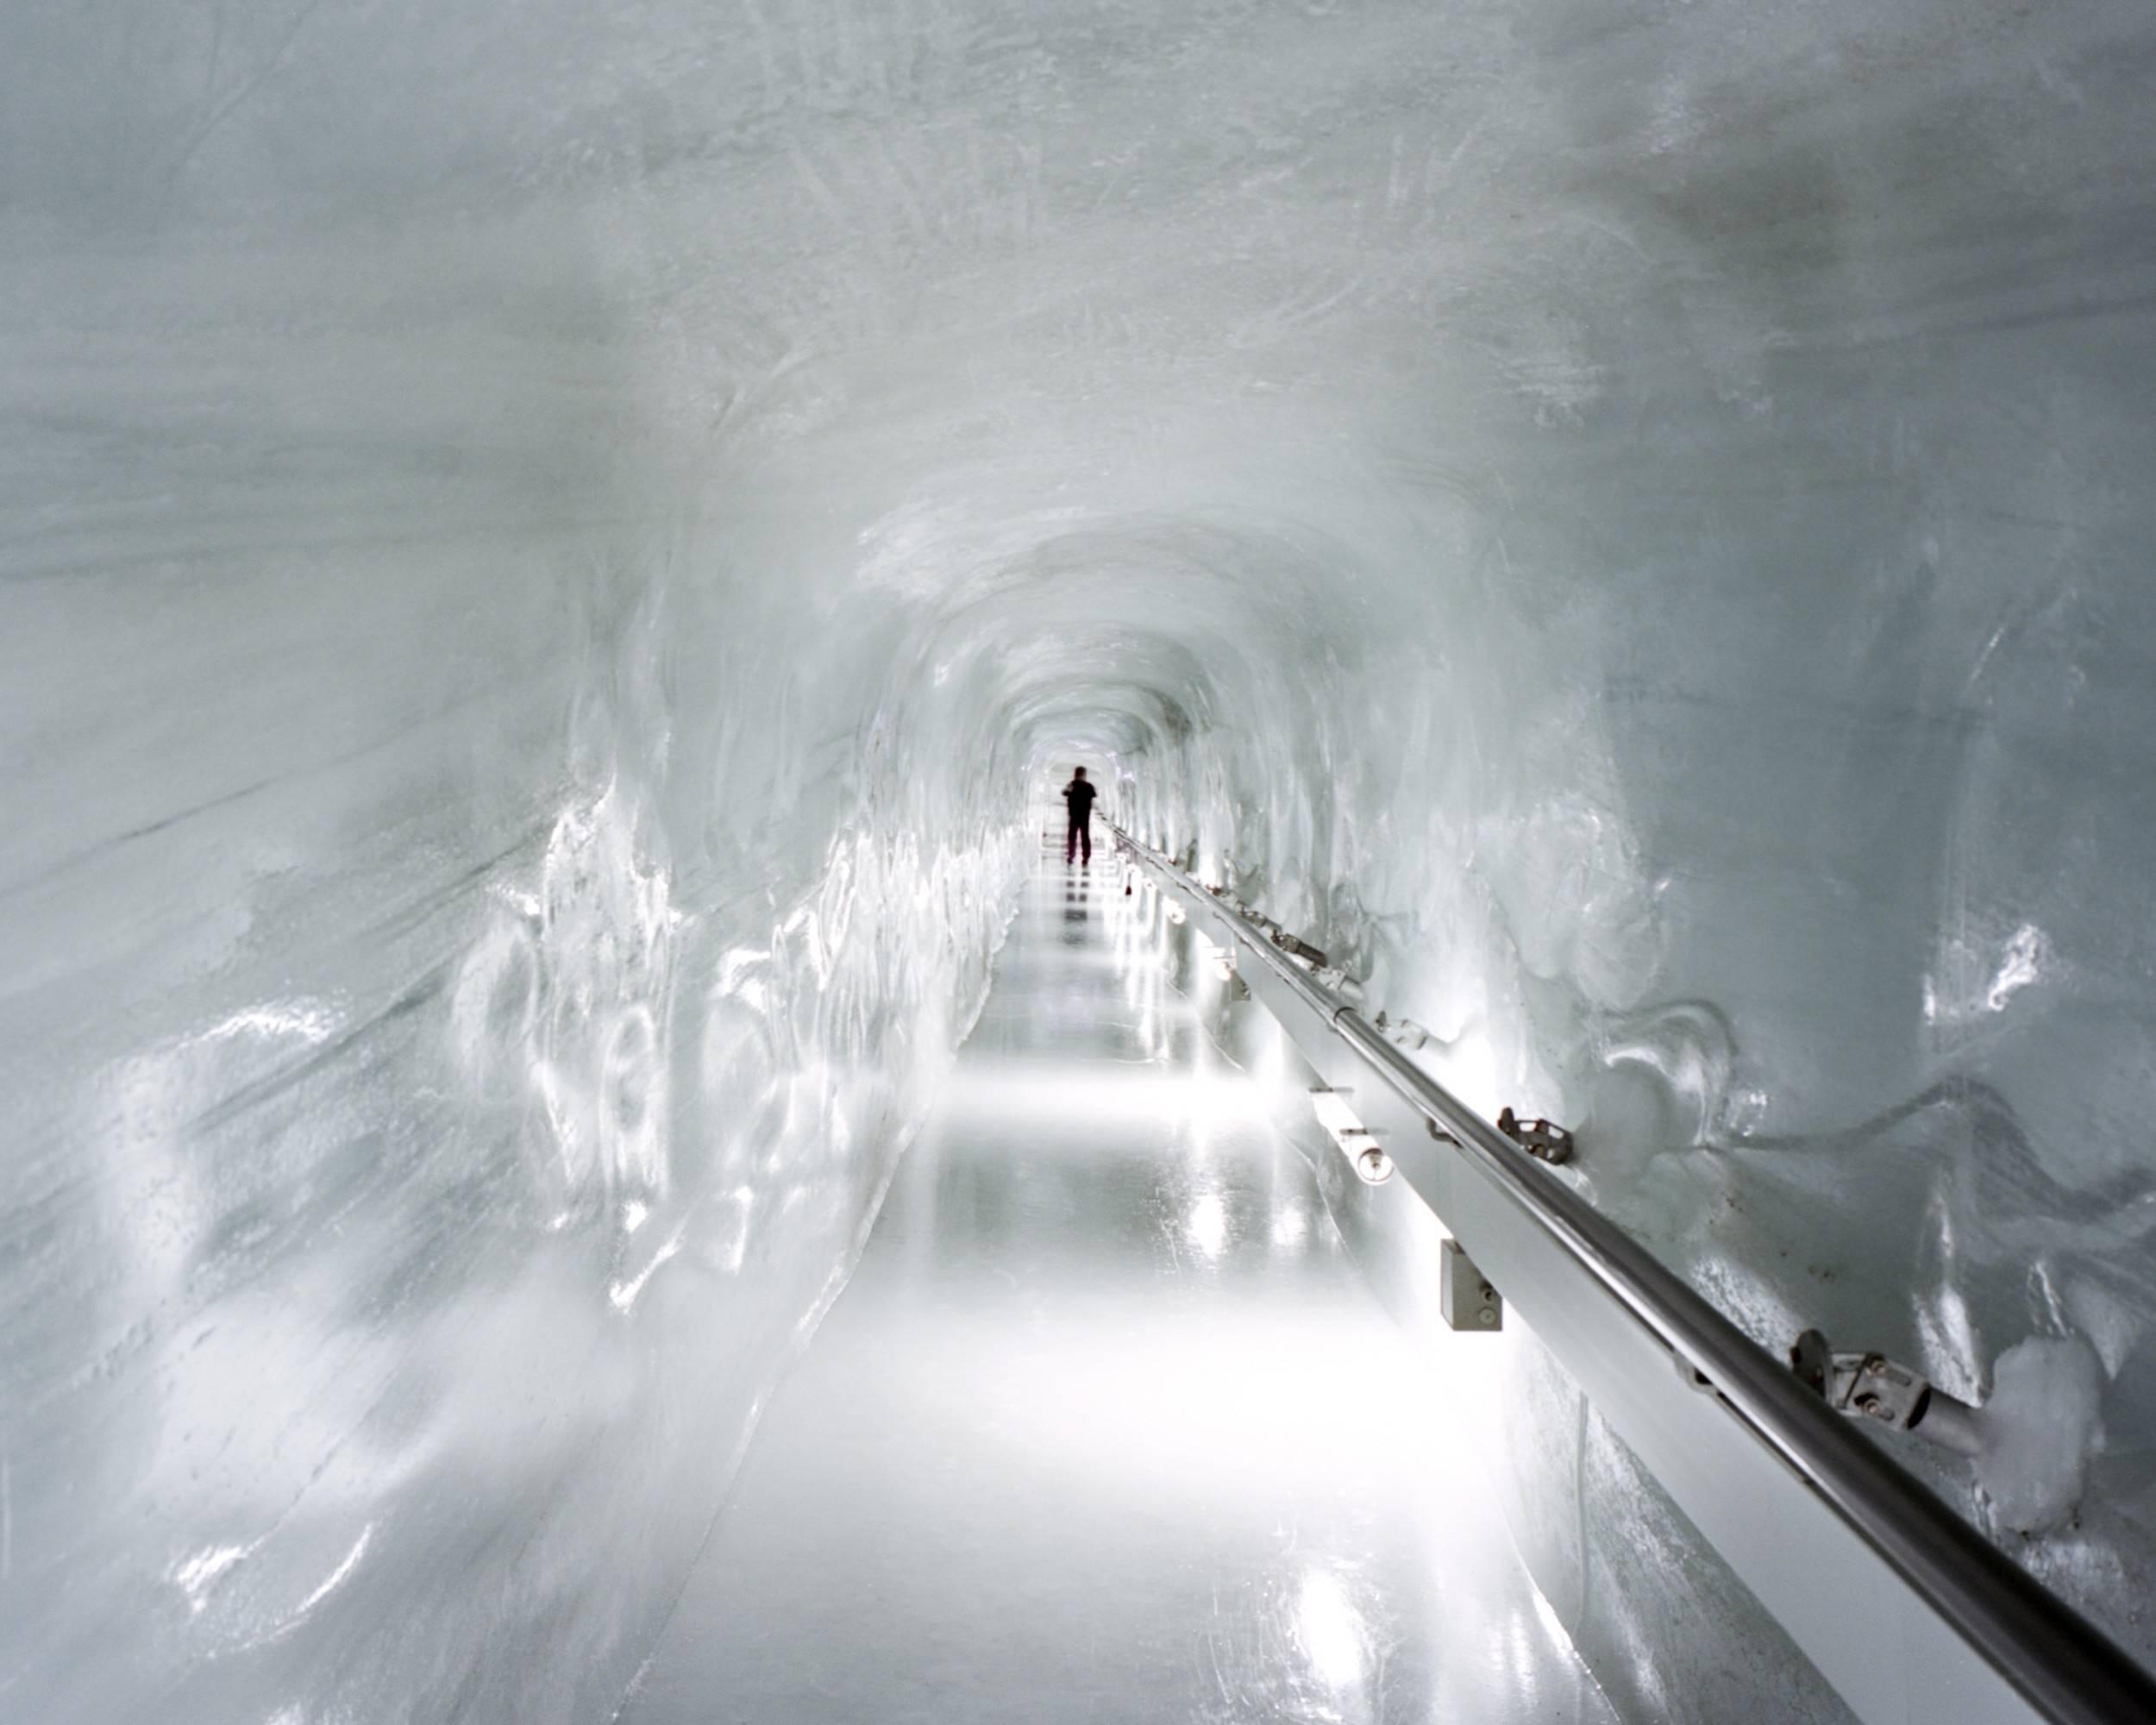 Ice Frozen 25002000 Wallpaper 2251011 2500x2000